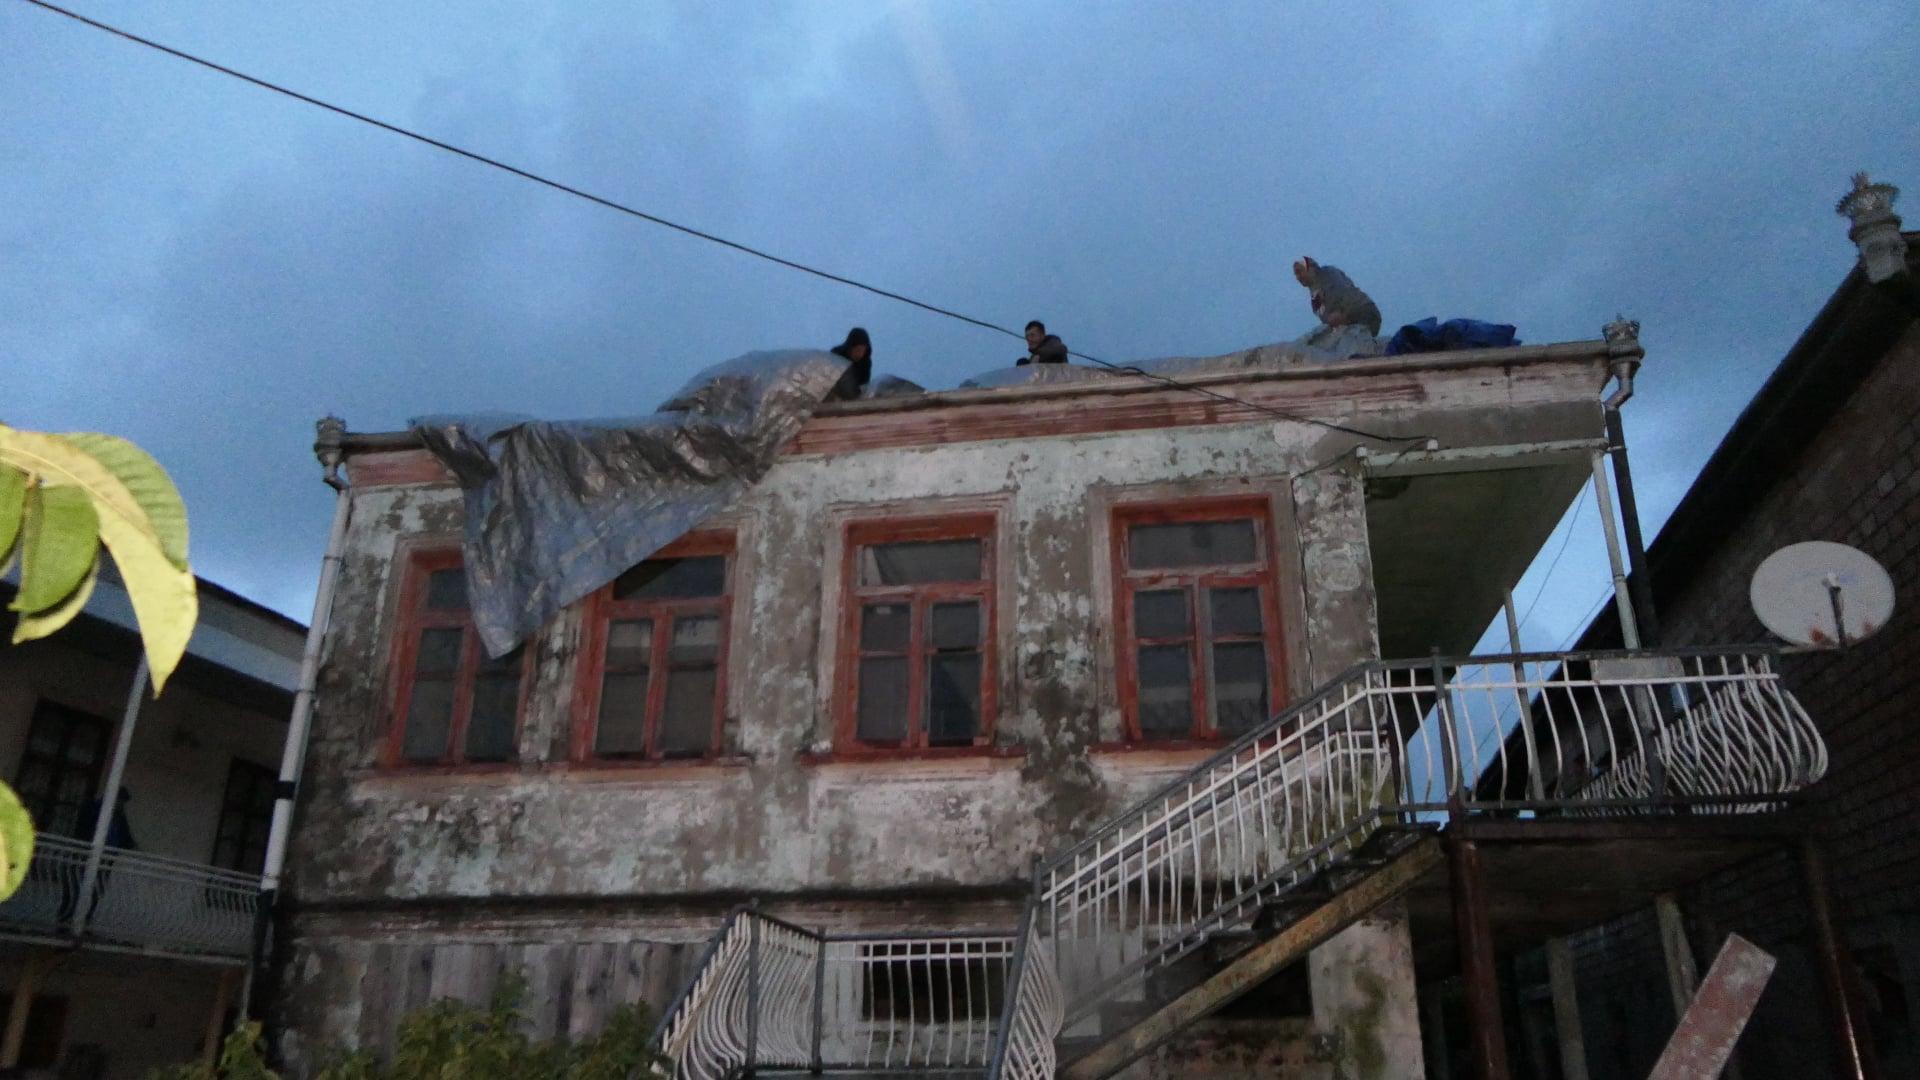 ფოთის მუნიციპალიტეტში 16:50 საათზე  ძლიერი ქარი 17- 32 მ/წმ-დე დაფიქსირდა